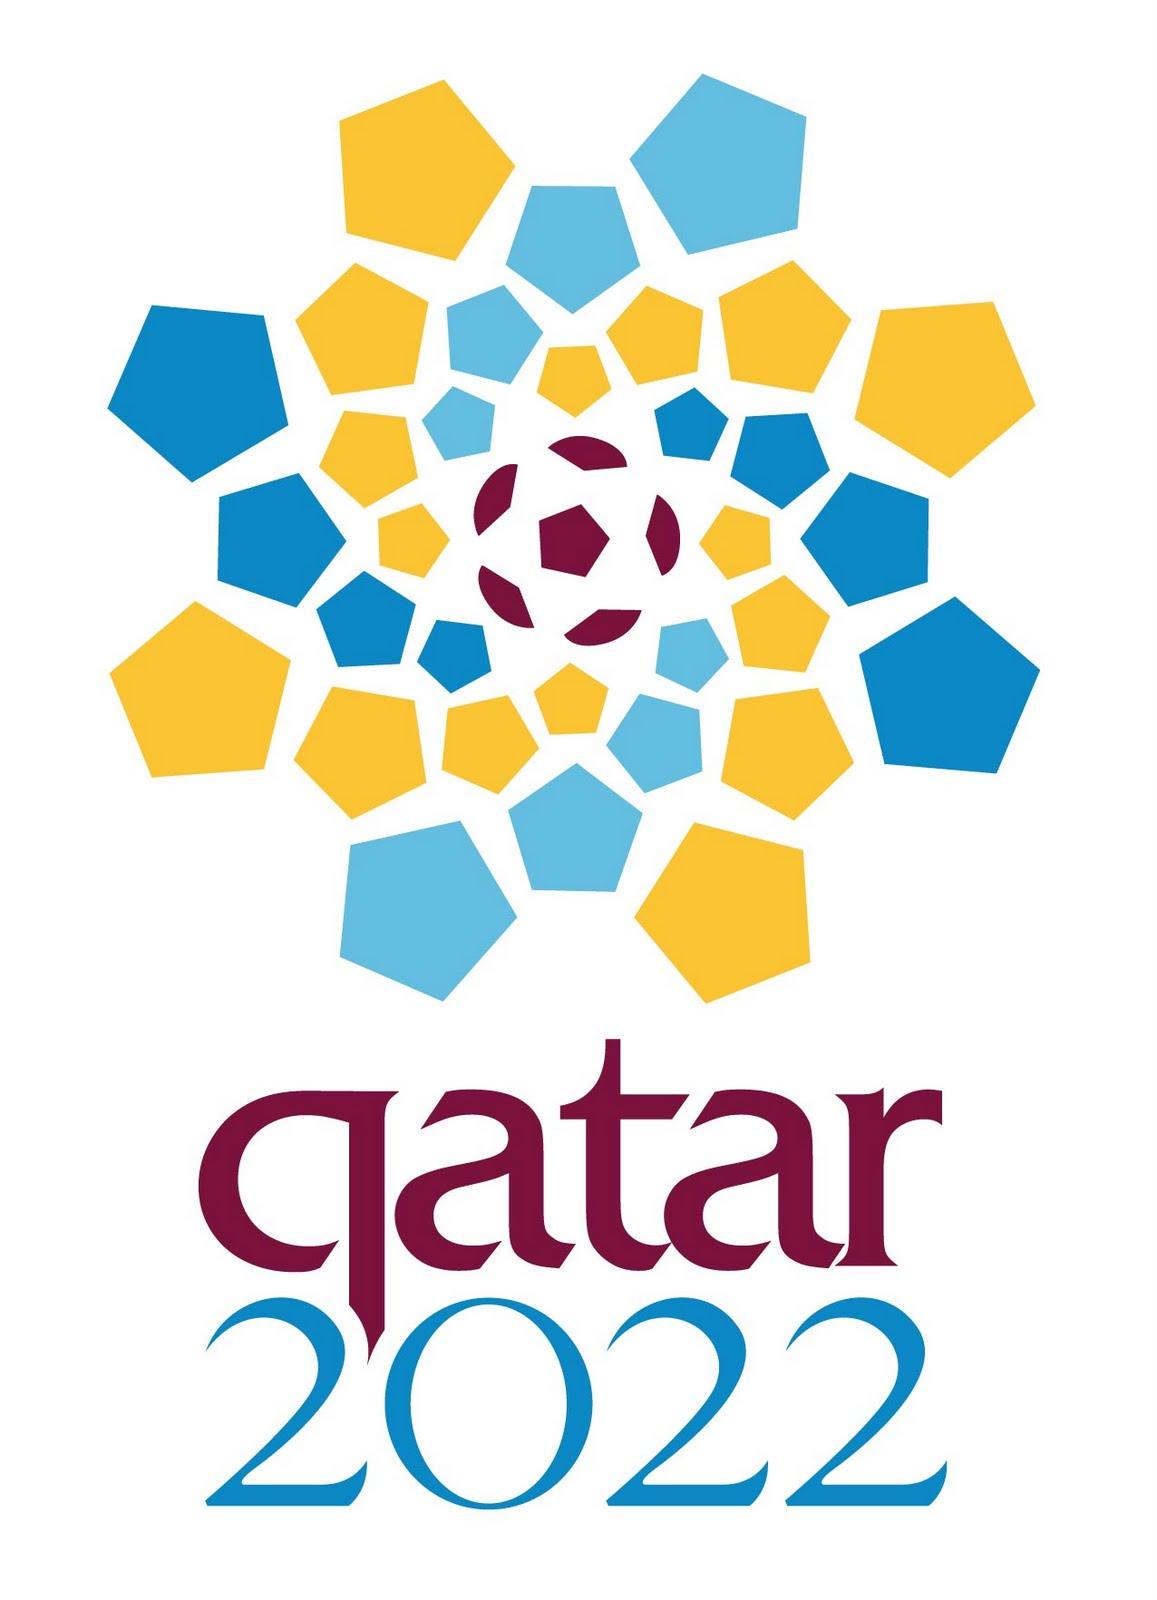 Qatar 2022 logo